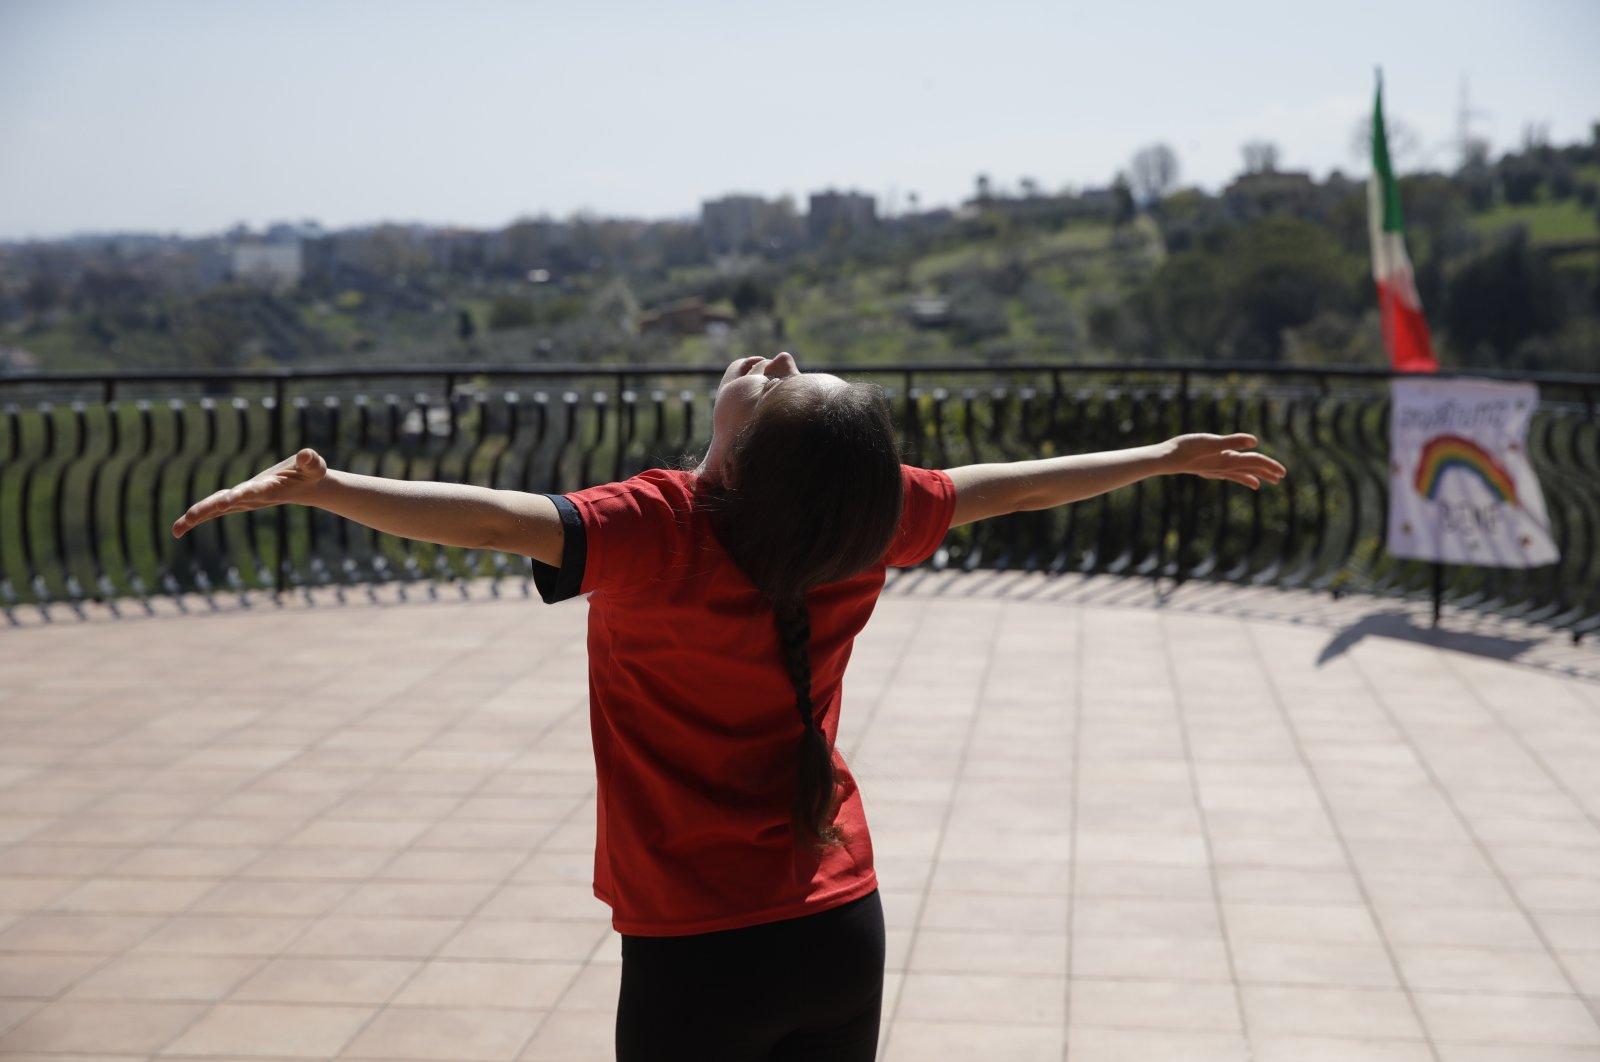 Arianna Sacripante trains on her terrace in Monterotondo, Italy, April 3, 2020. (AP Photo)